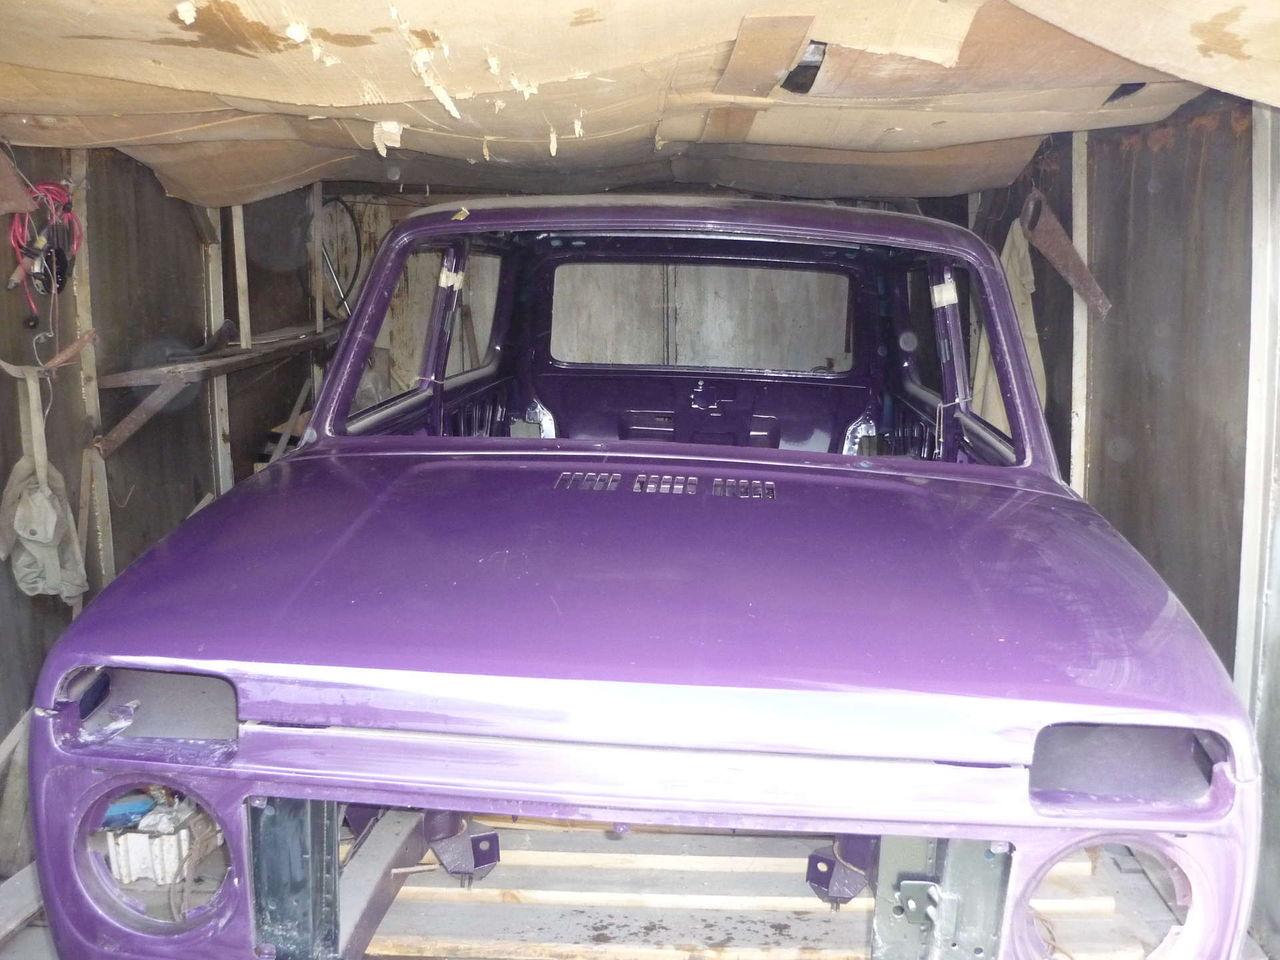 Купить кузов автомашины ваз-21213 в санкт-петербург или псков